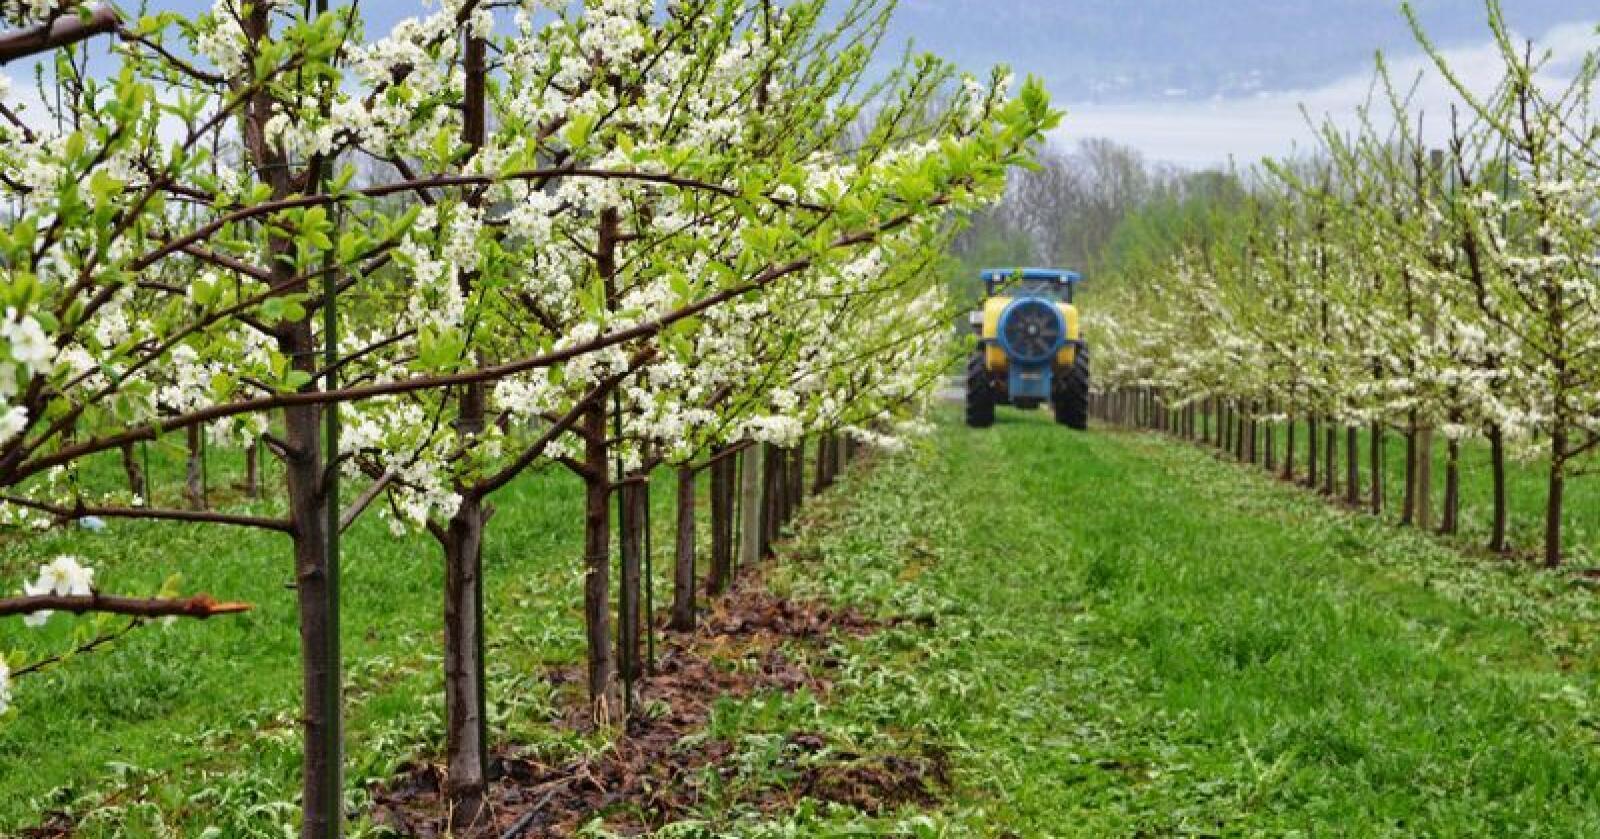 Minusgrader har ødelagt årets eplesesong for mange eplebønder. Bildet viser plommetrær i Svelvik. (Arkivfoto)